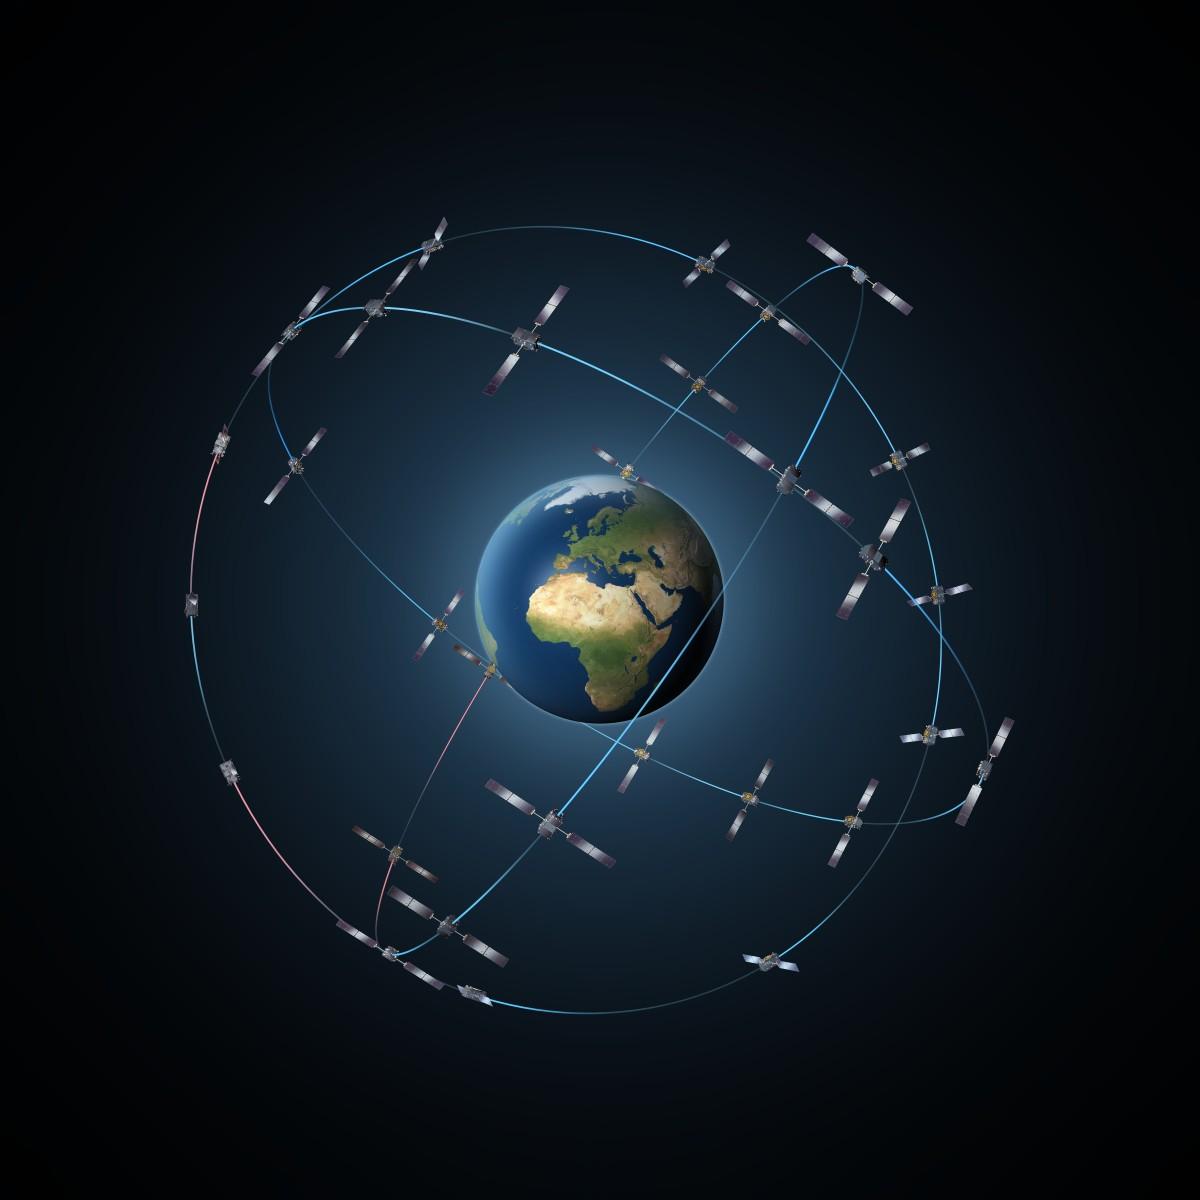 El nuevo GPS y el próximo Galileo: Rivales o hermanos para geoposicionar personas y mercancías en tiempo real